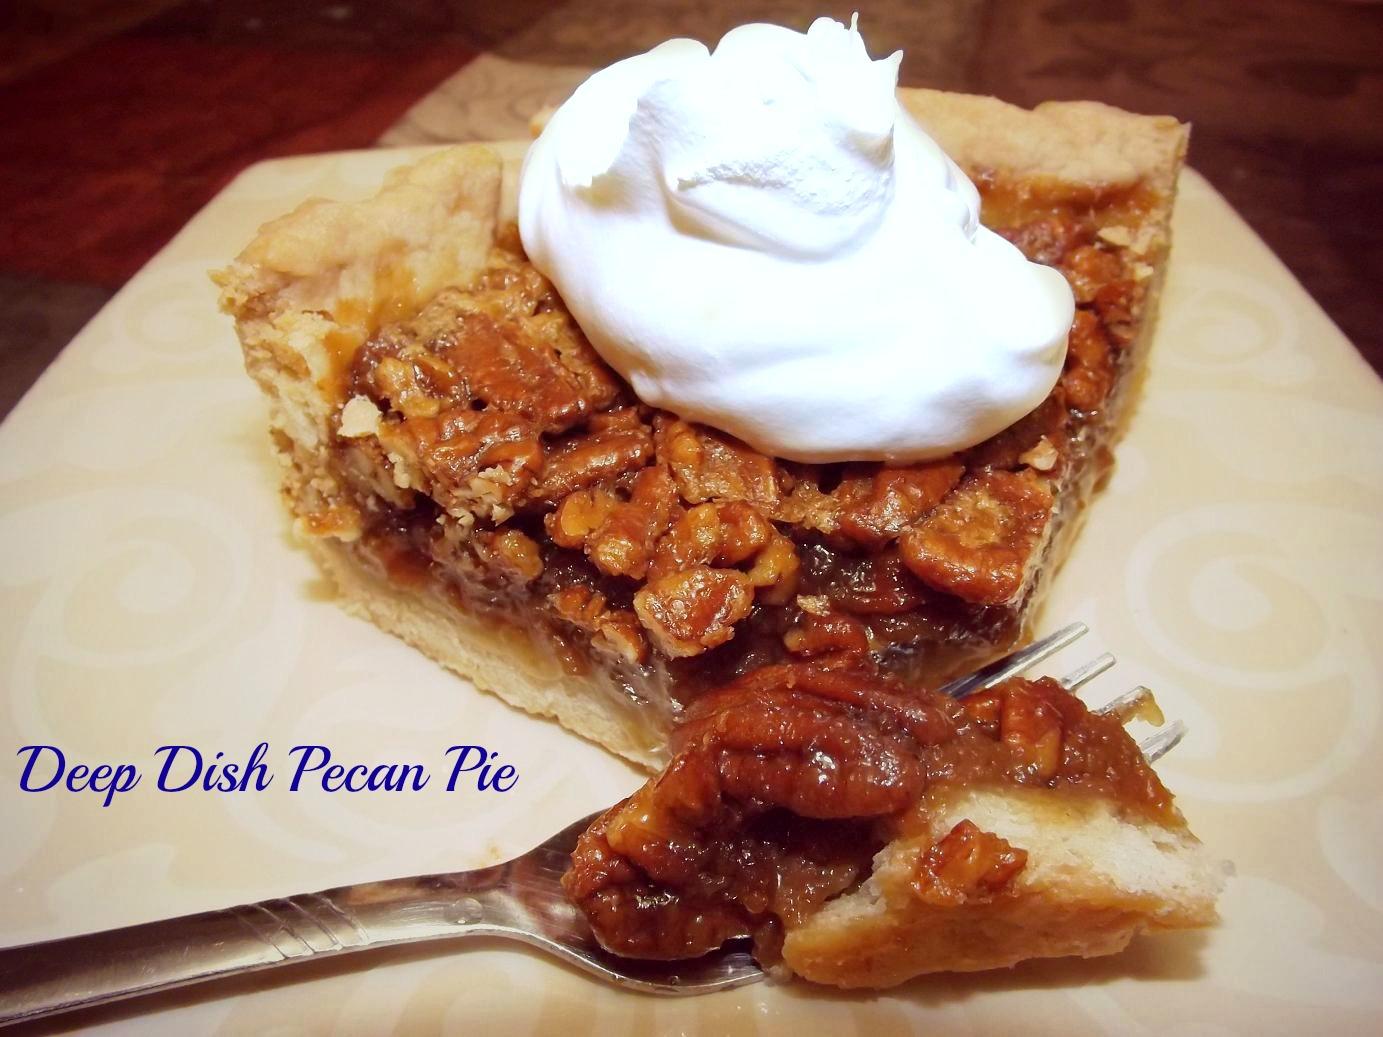 Deep Dish Pecan Pie